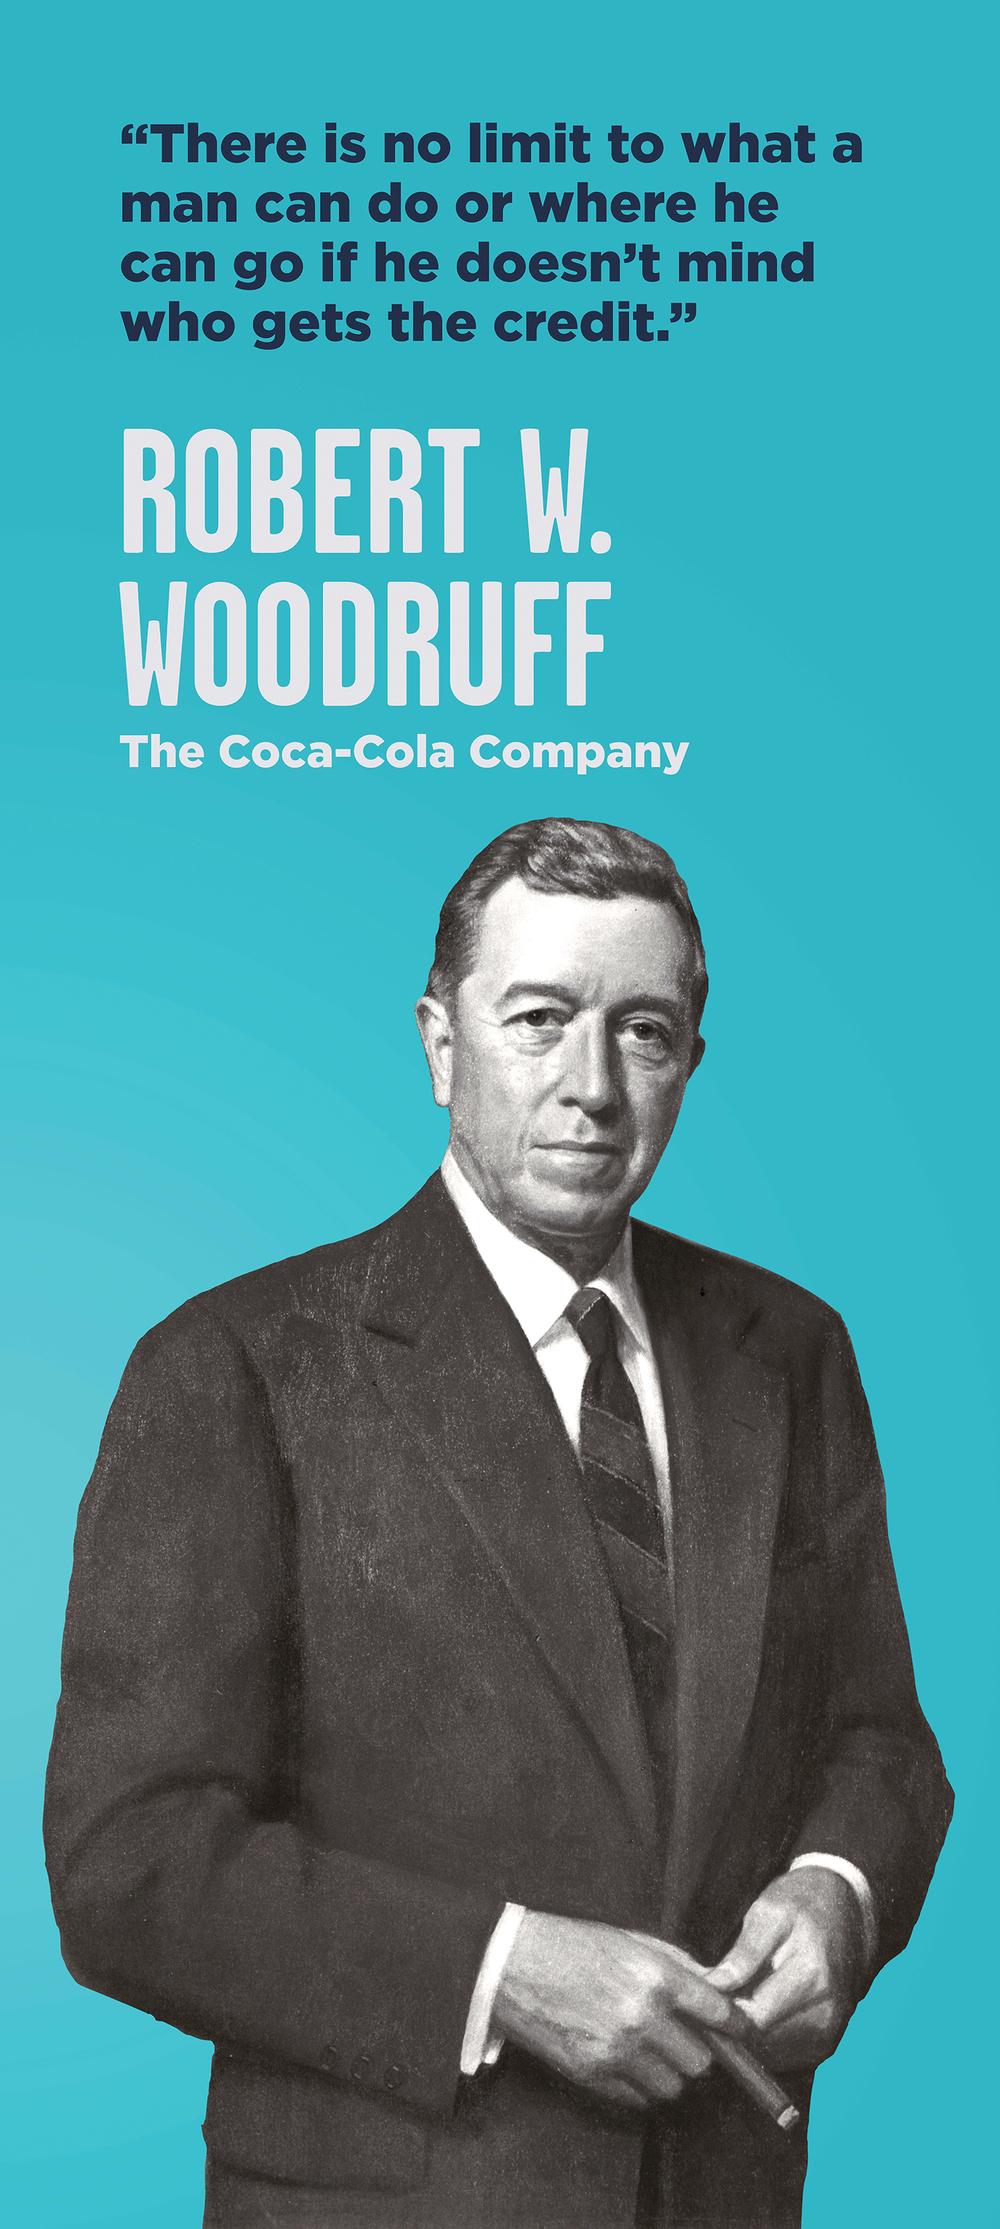 robert_woodruff.jpg